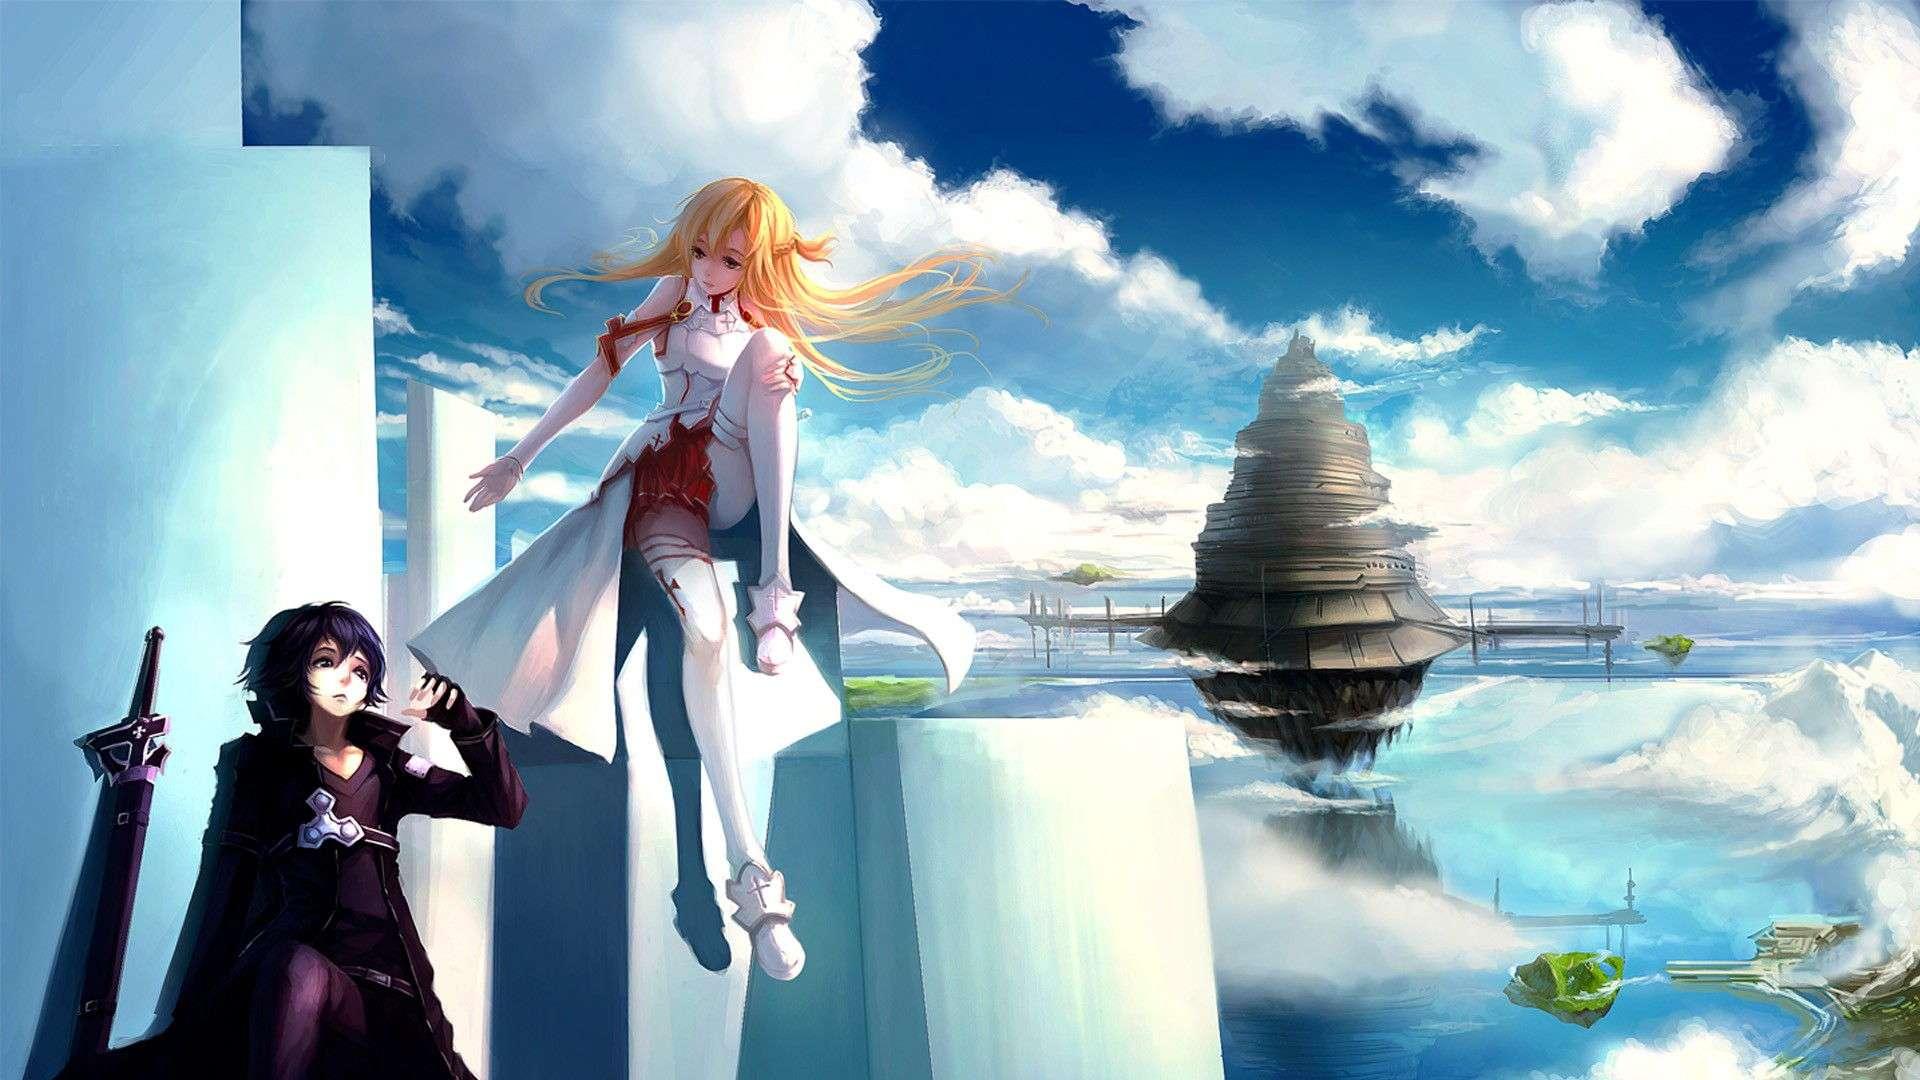 Sword Art Online Anime Wallpaper 028